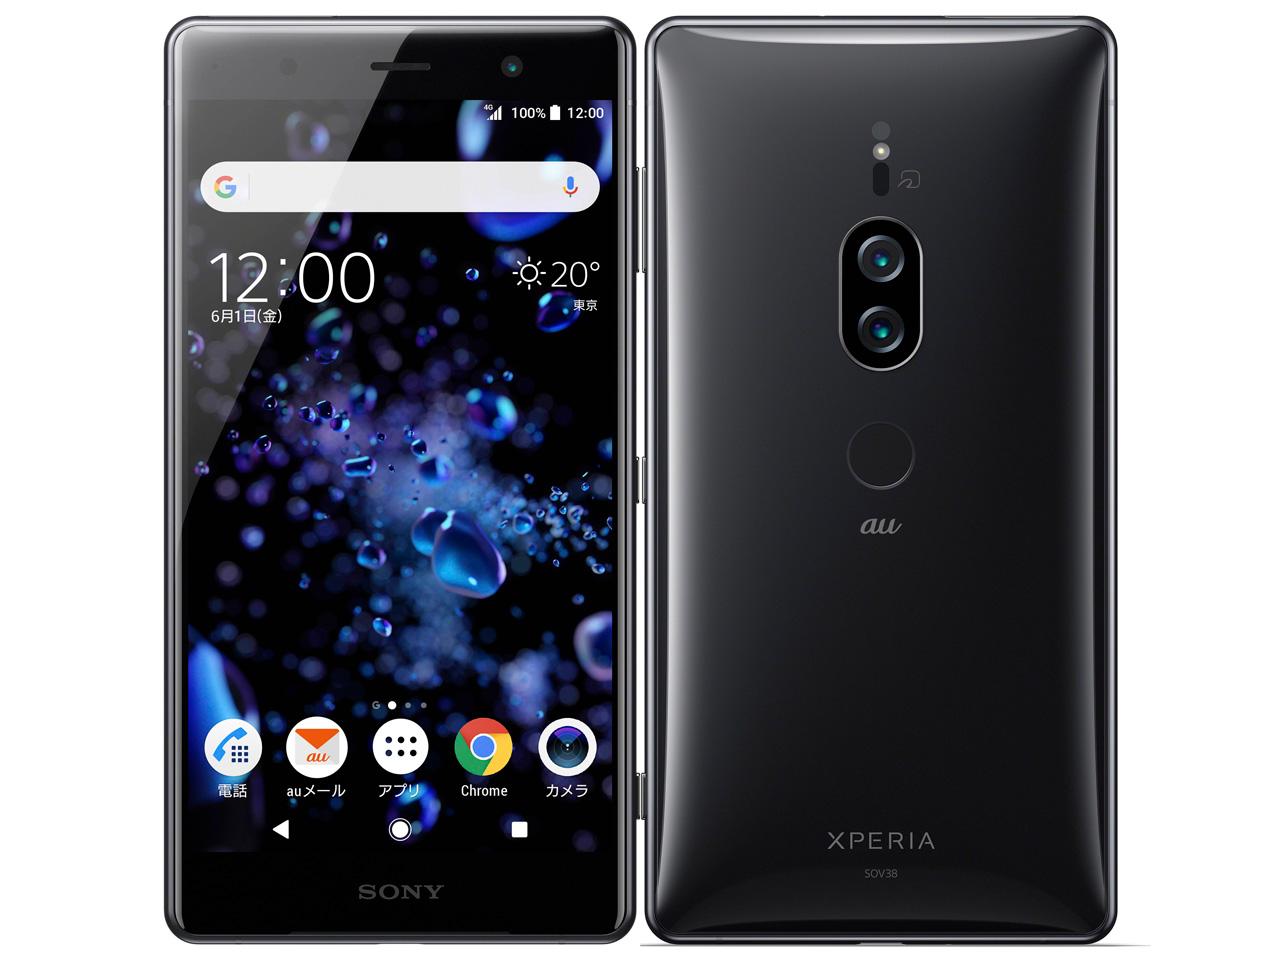 ソニーモバイルコミュニケーションズ Xperia XZ2 Premium 製品画像